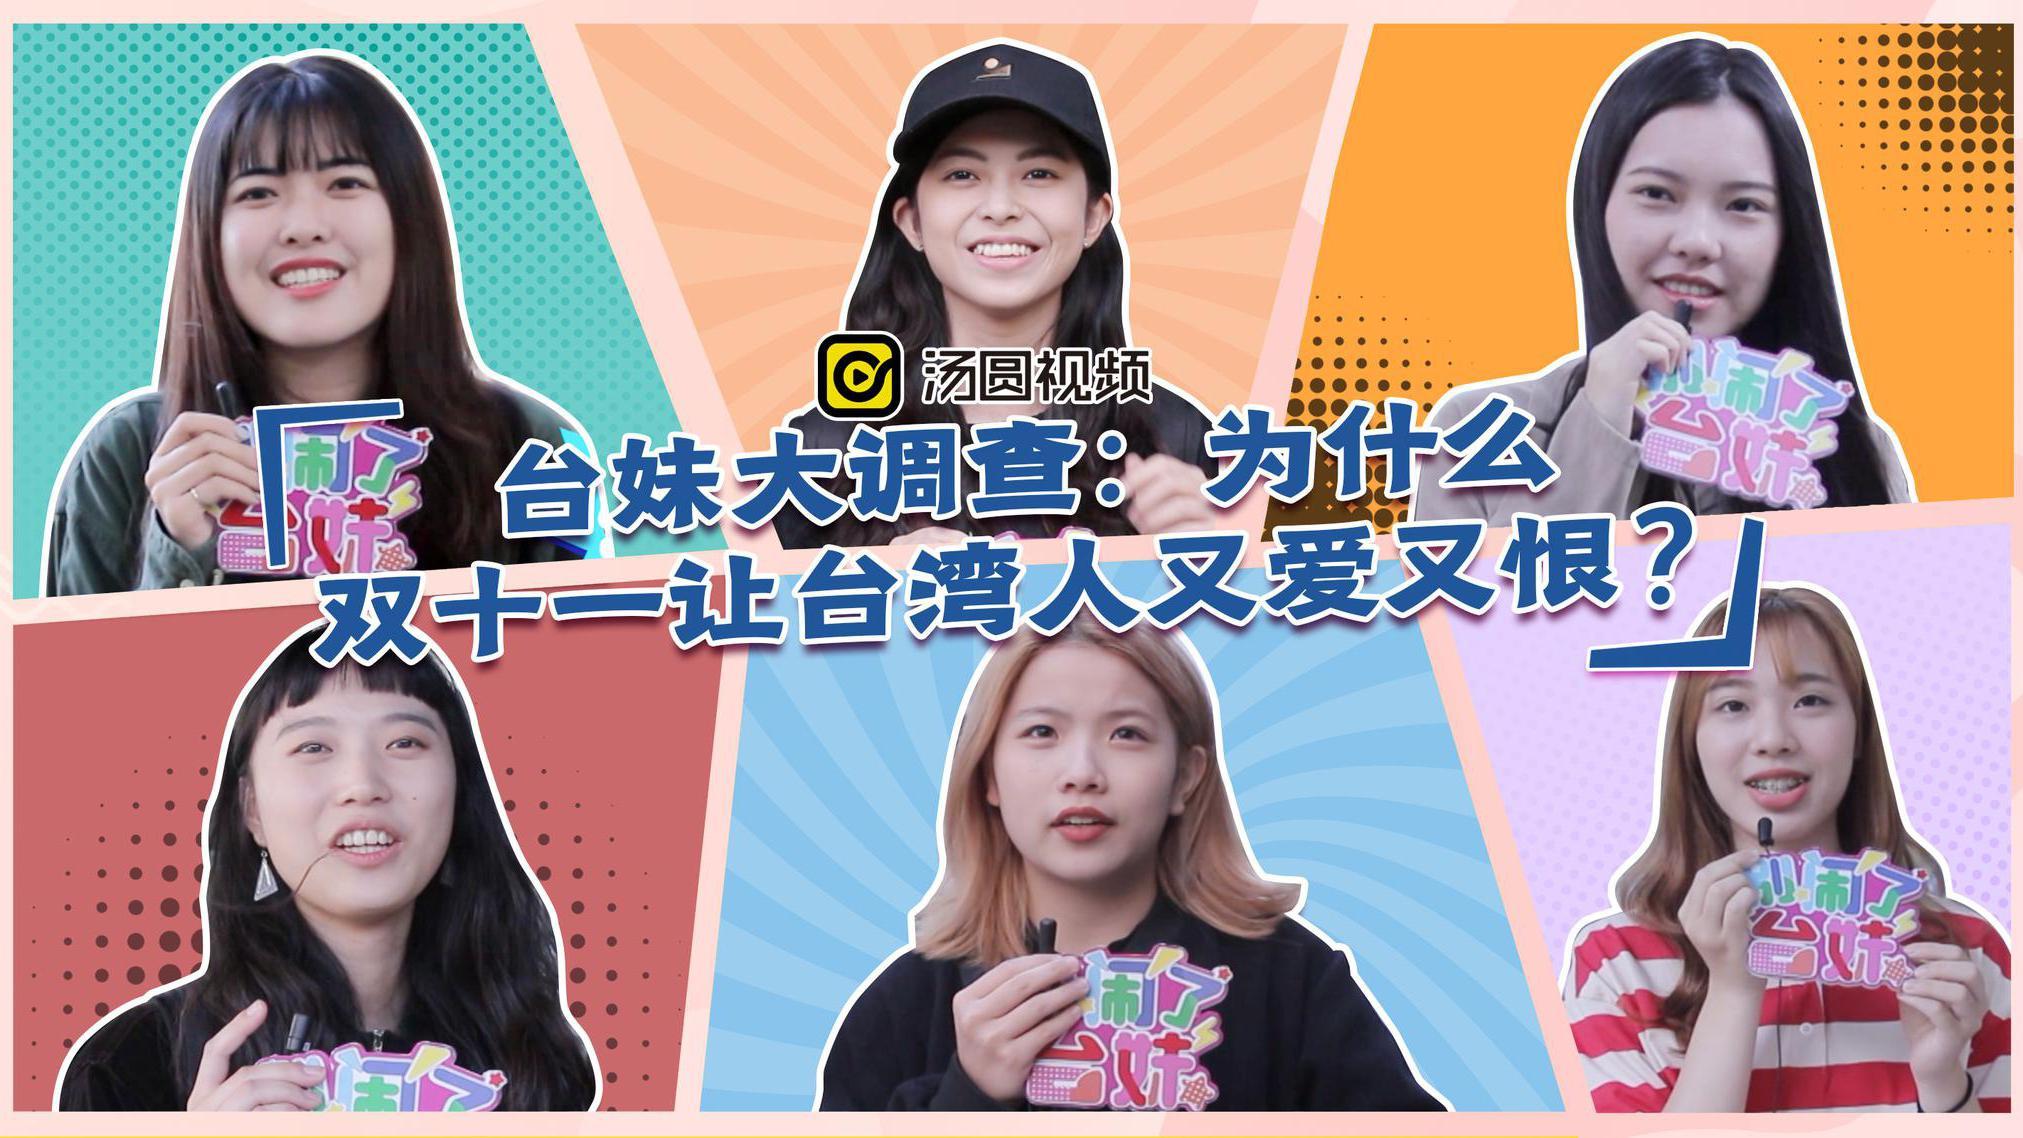 台湾人吐槽大会:为什么淘宝双十一让台湾人又爱又恨